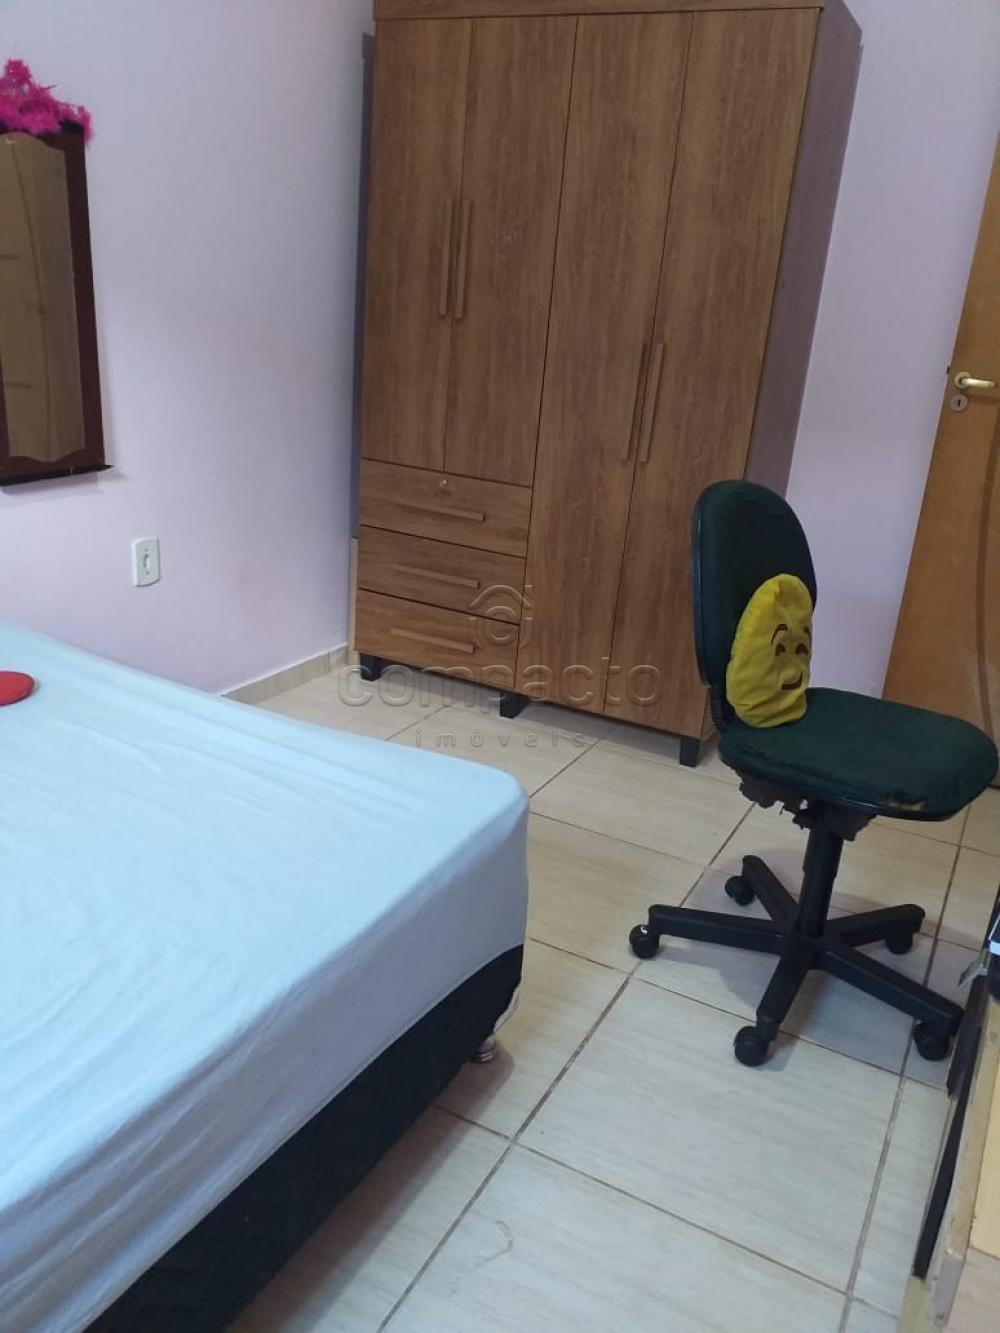 Comprar Casa / Padrão em São José do Rio Preto apenas R$ 185.000,00 - Foto 10